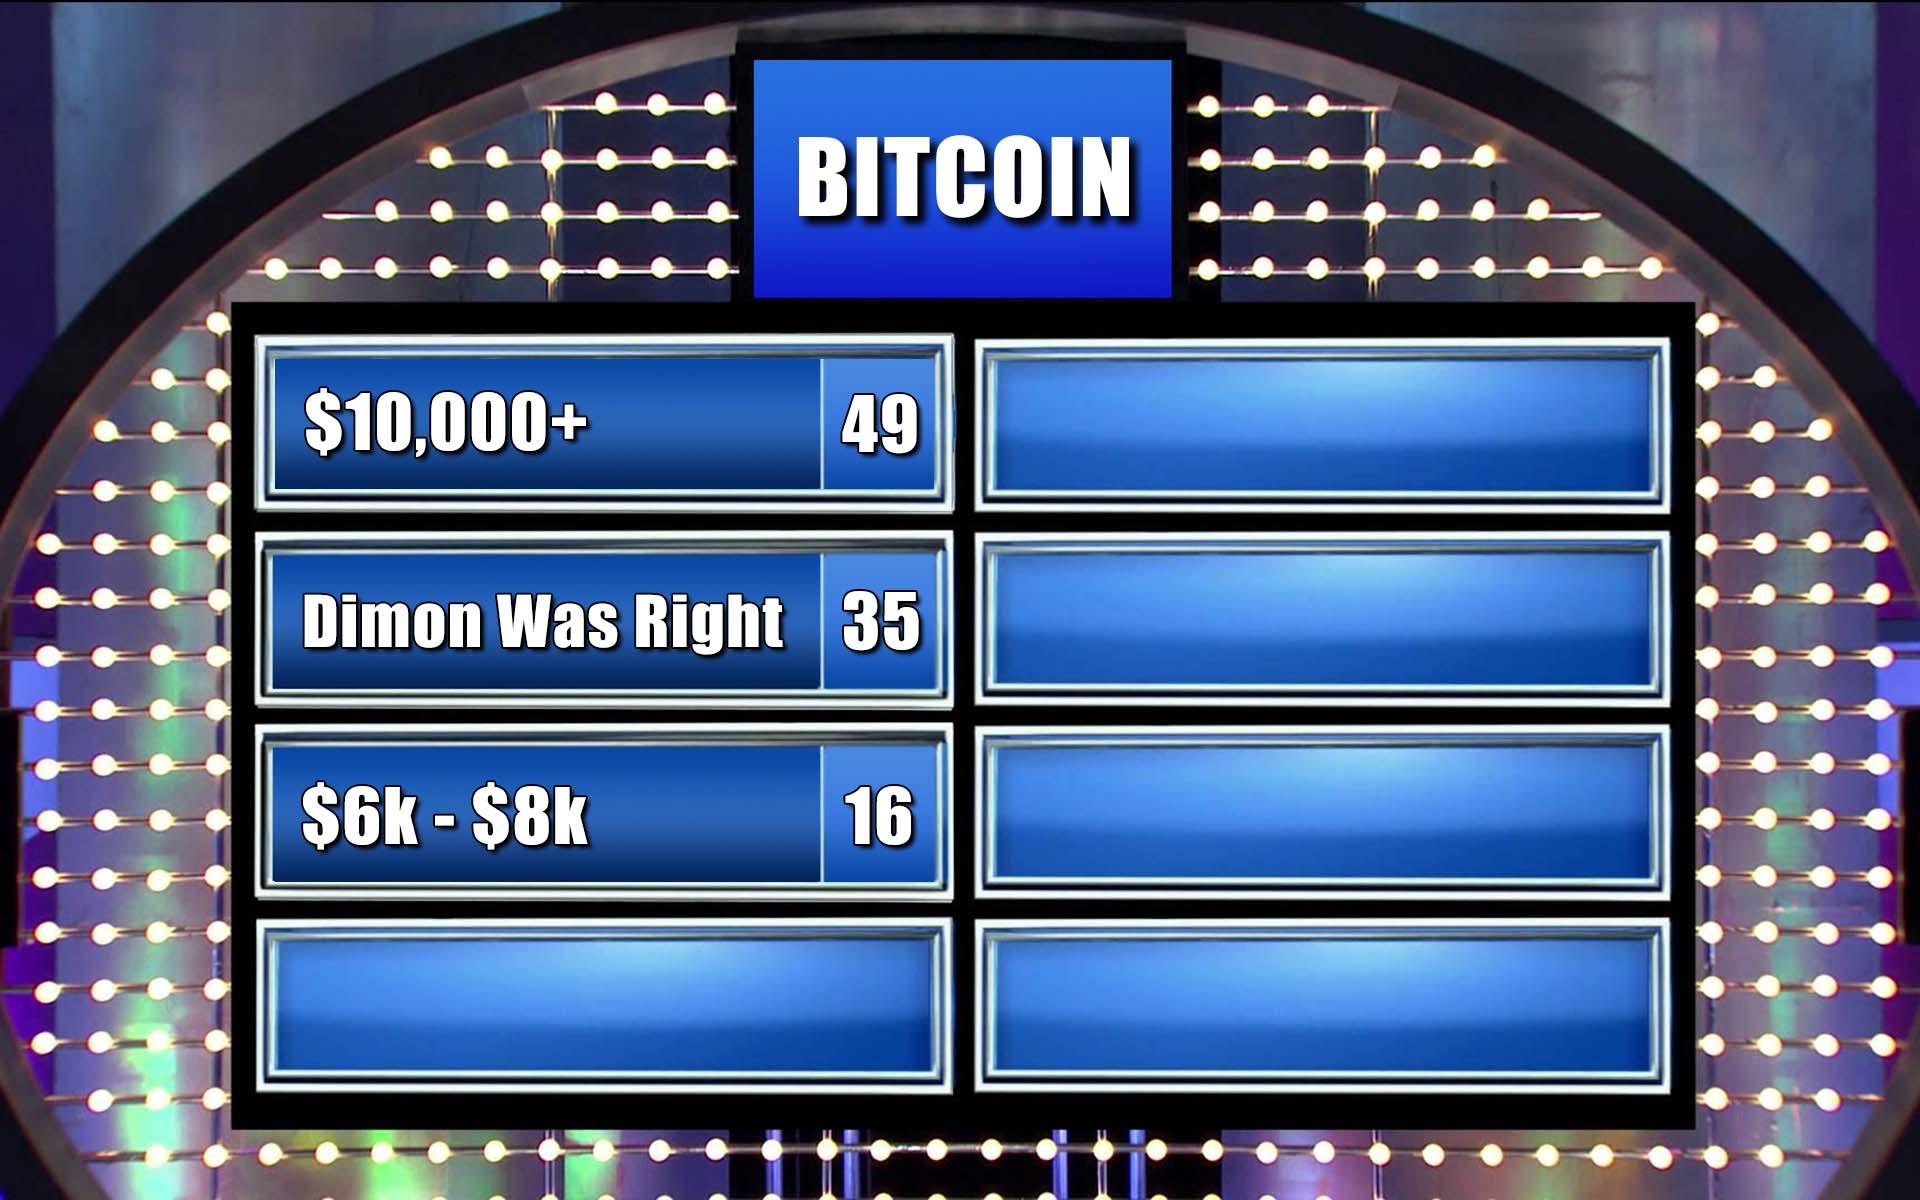 Bitcoin Heading to $10,000? Survey Says...